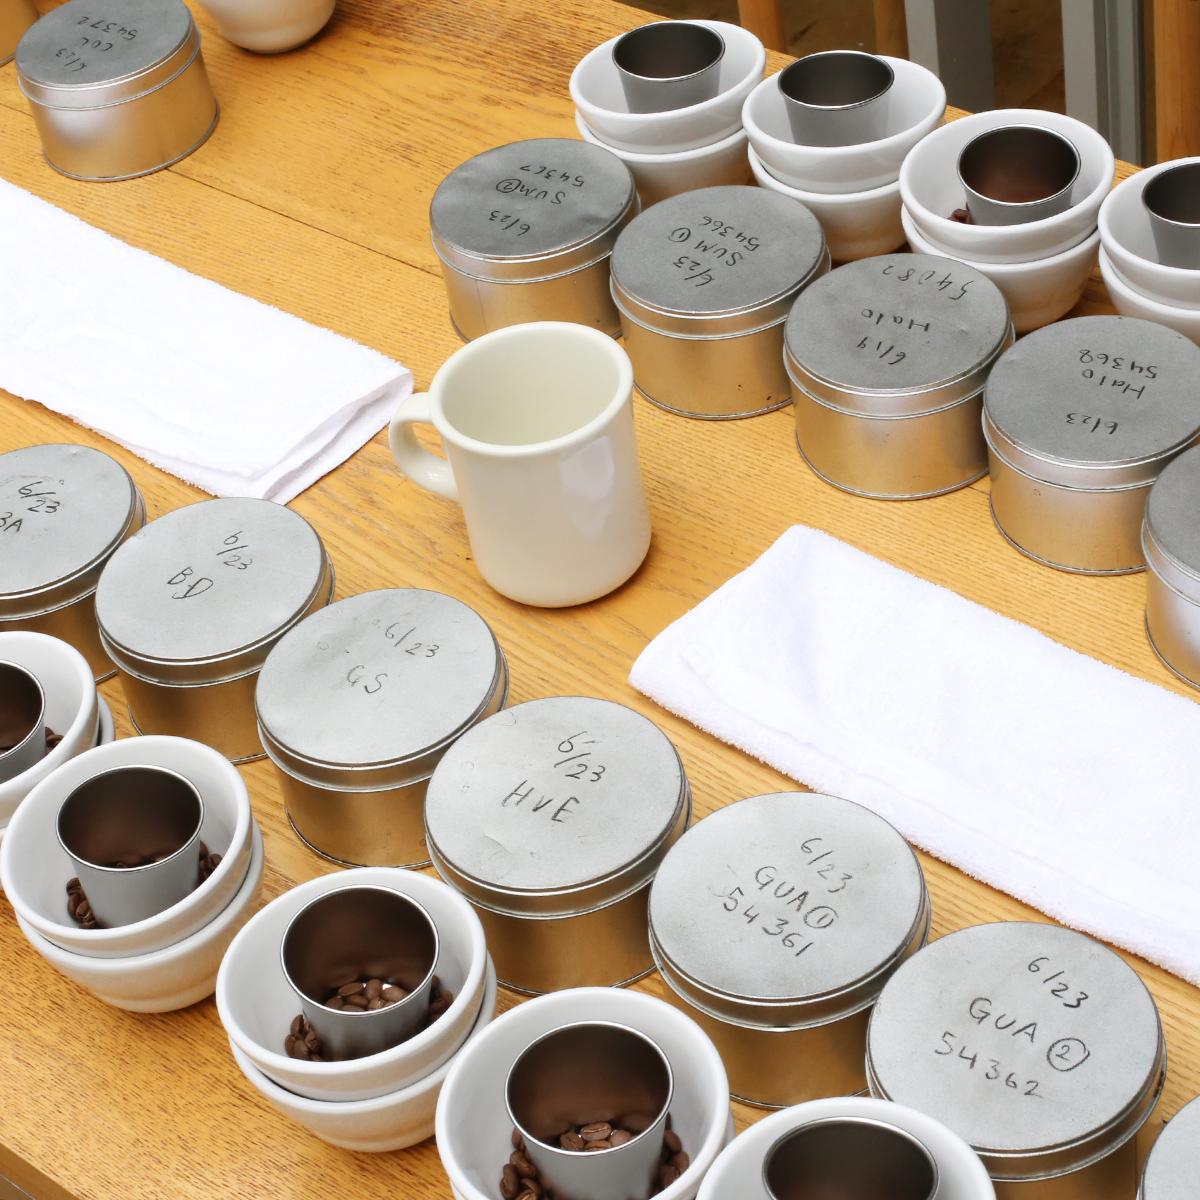 カッピングに使用されるコーヒー豆とカップ。季節によって豆の種類も焙煎の方法も変わる。